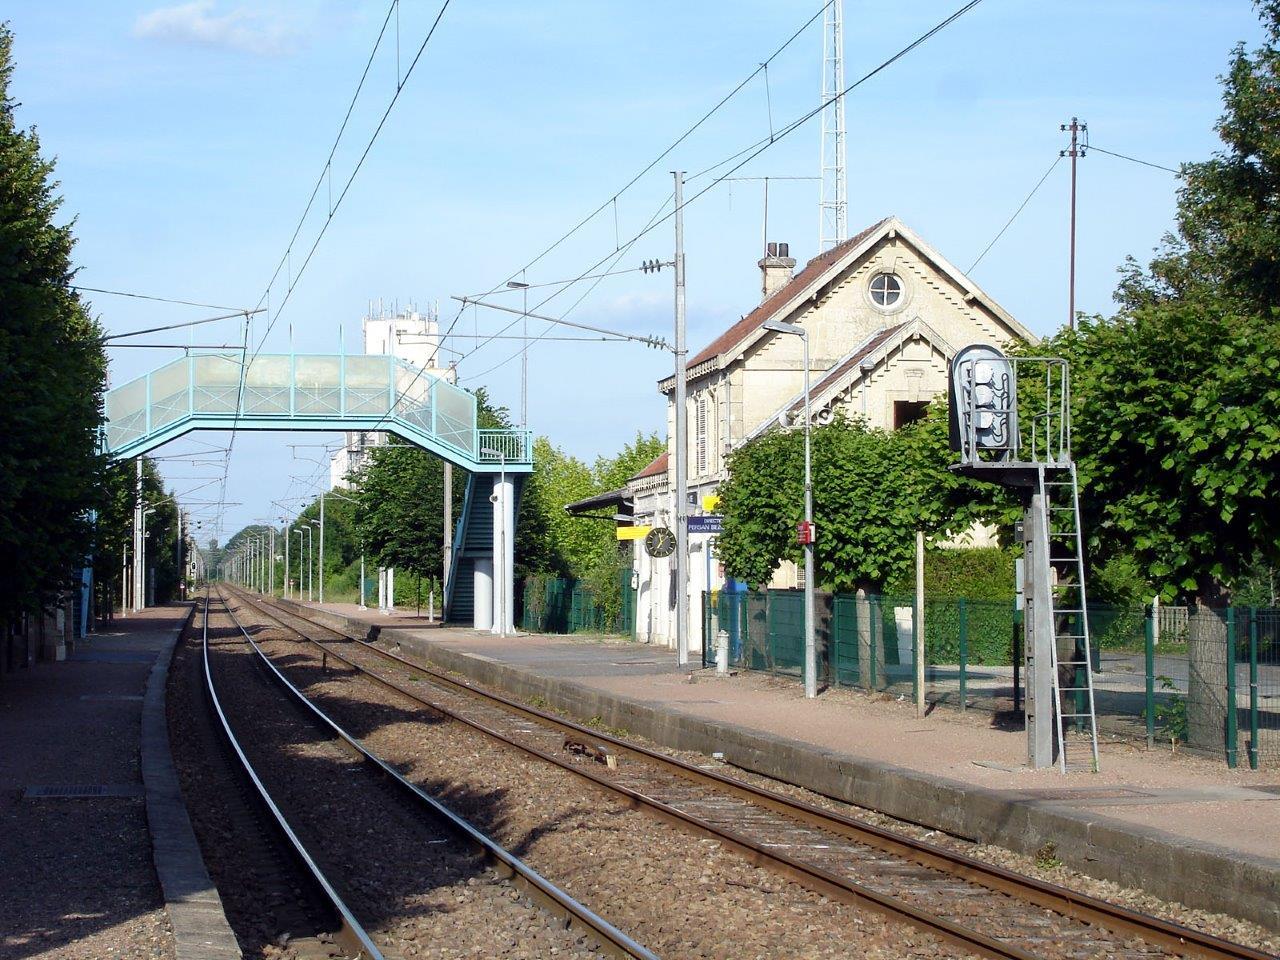 gare-de-precy-sur-oise-train-station